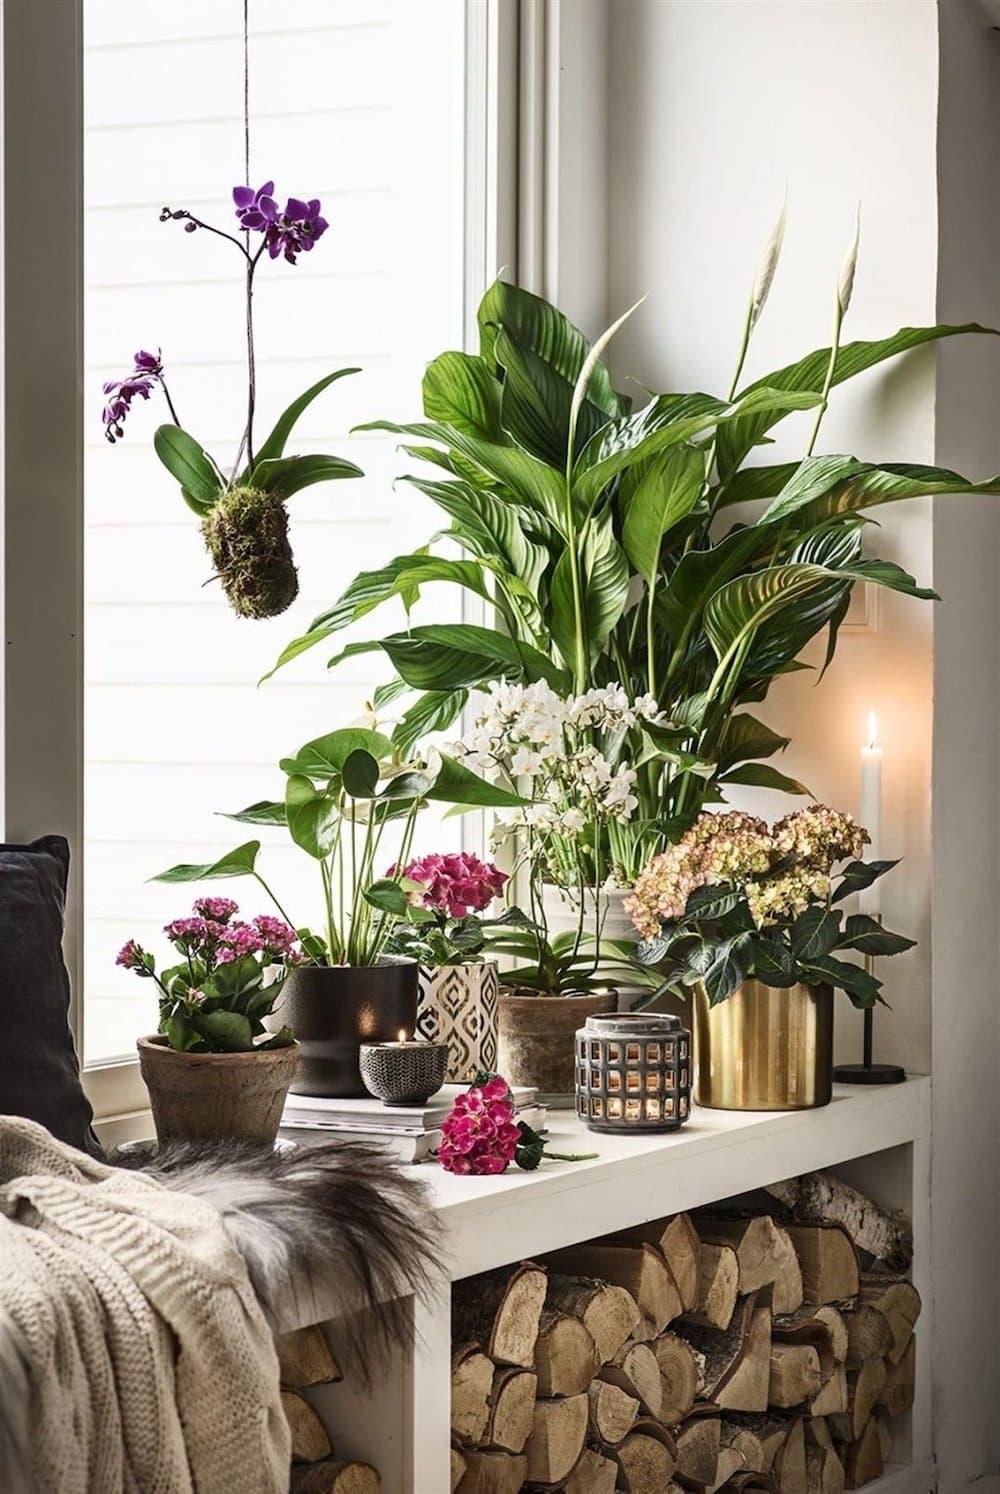 комнатные растения в интерьере фото 18